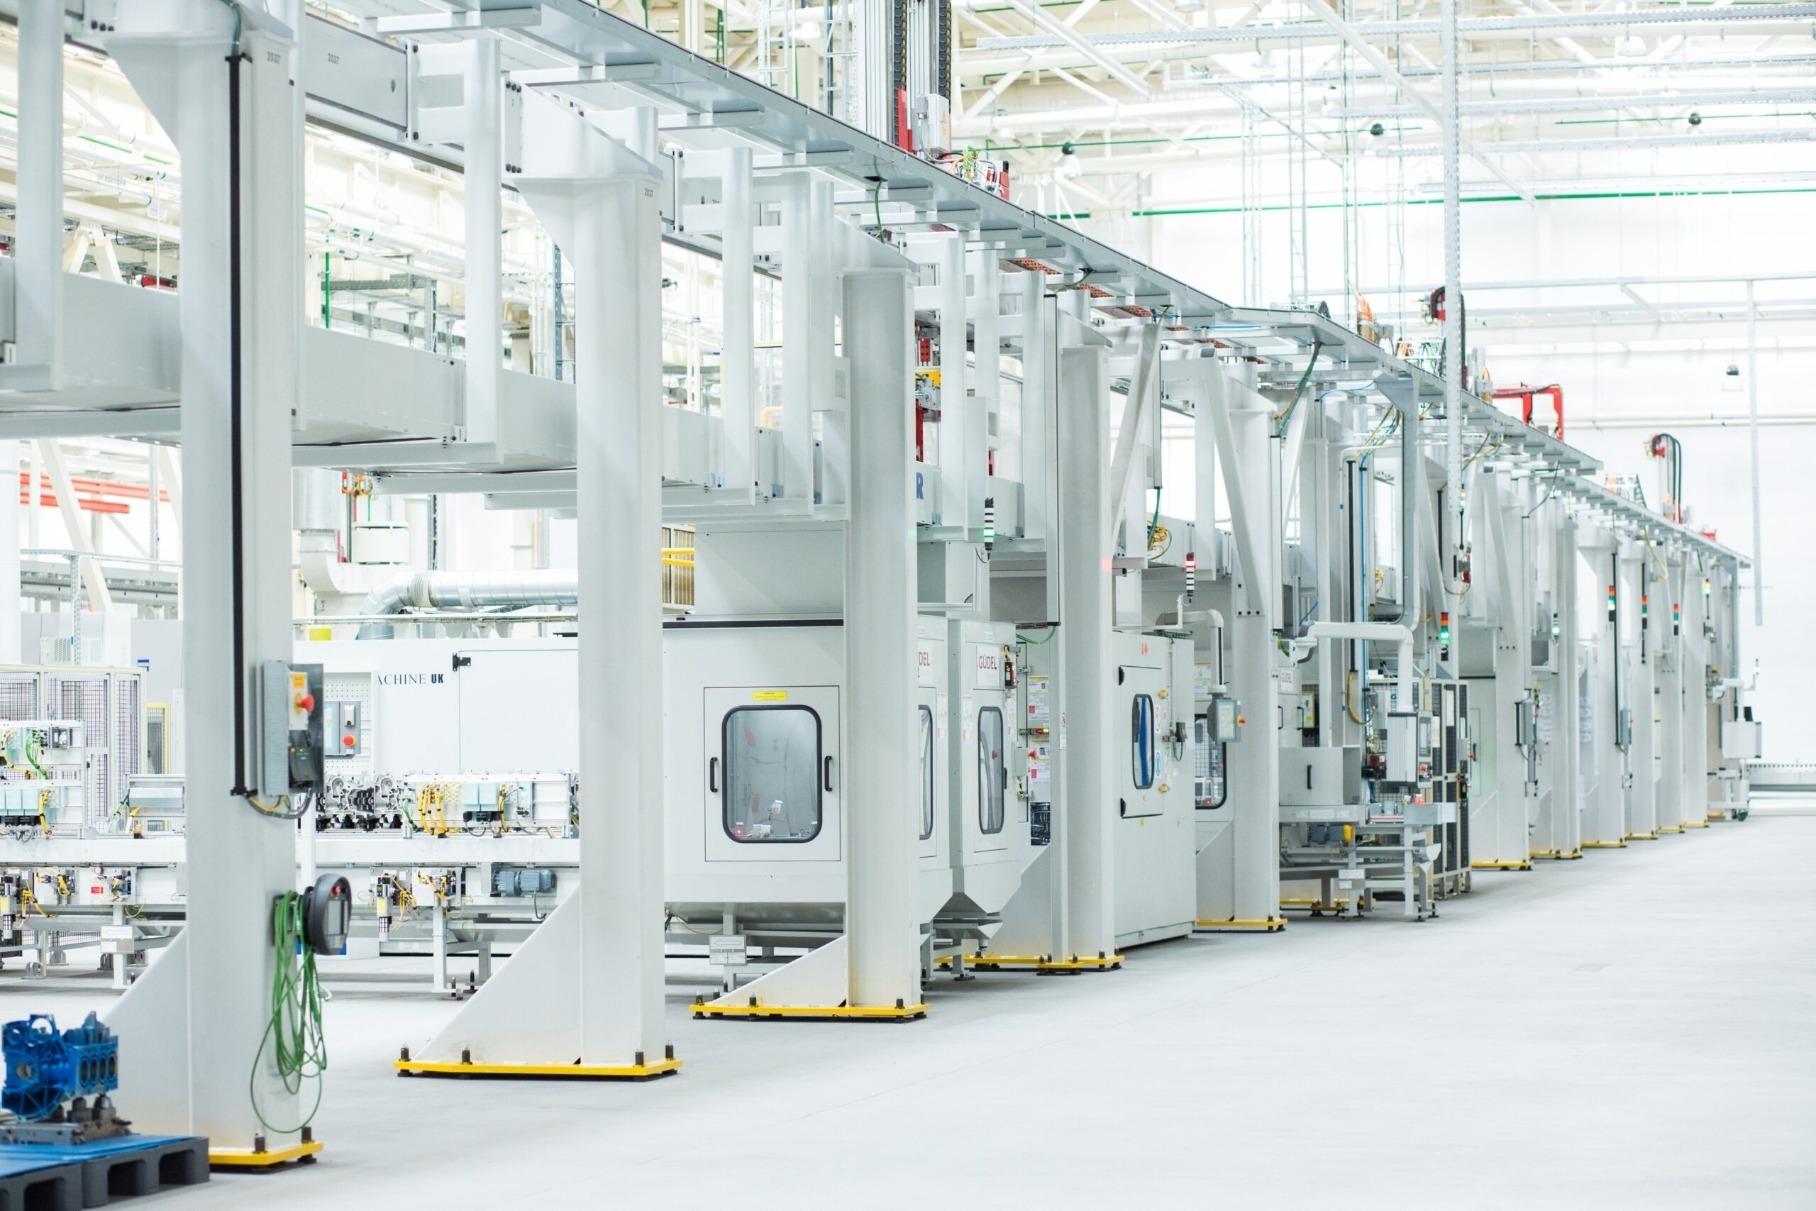 Российский моторный завод Ford выкупили за 1,14 миллиарда рублей